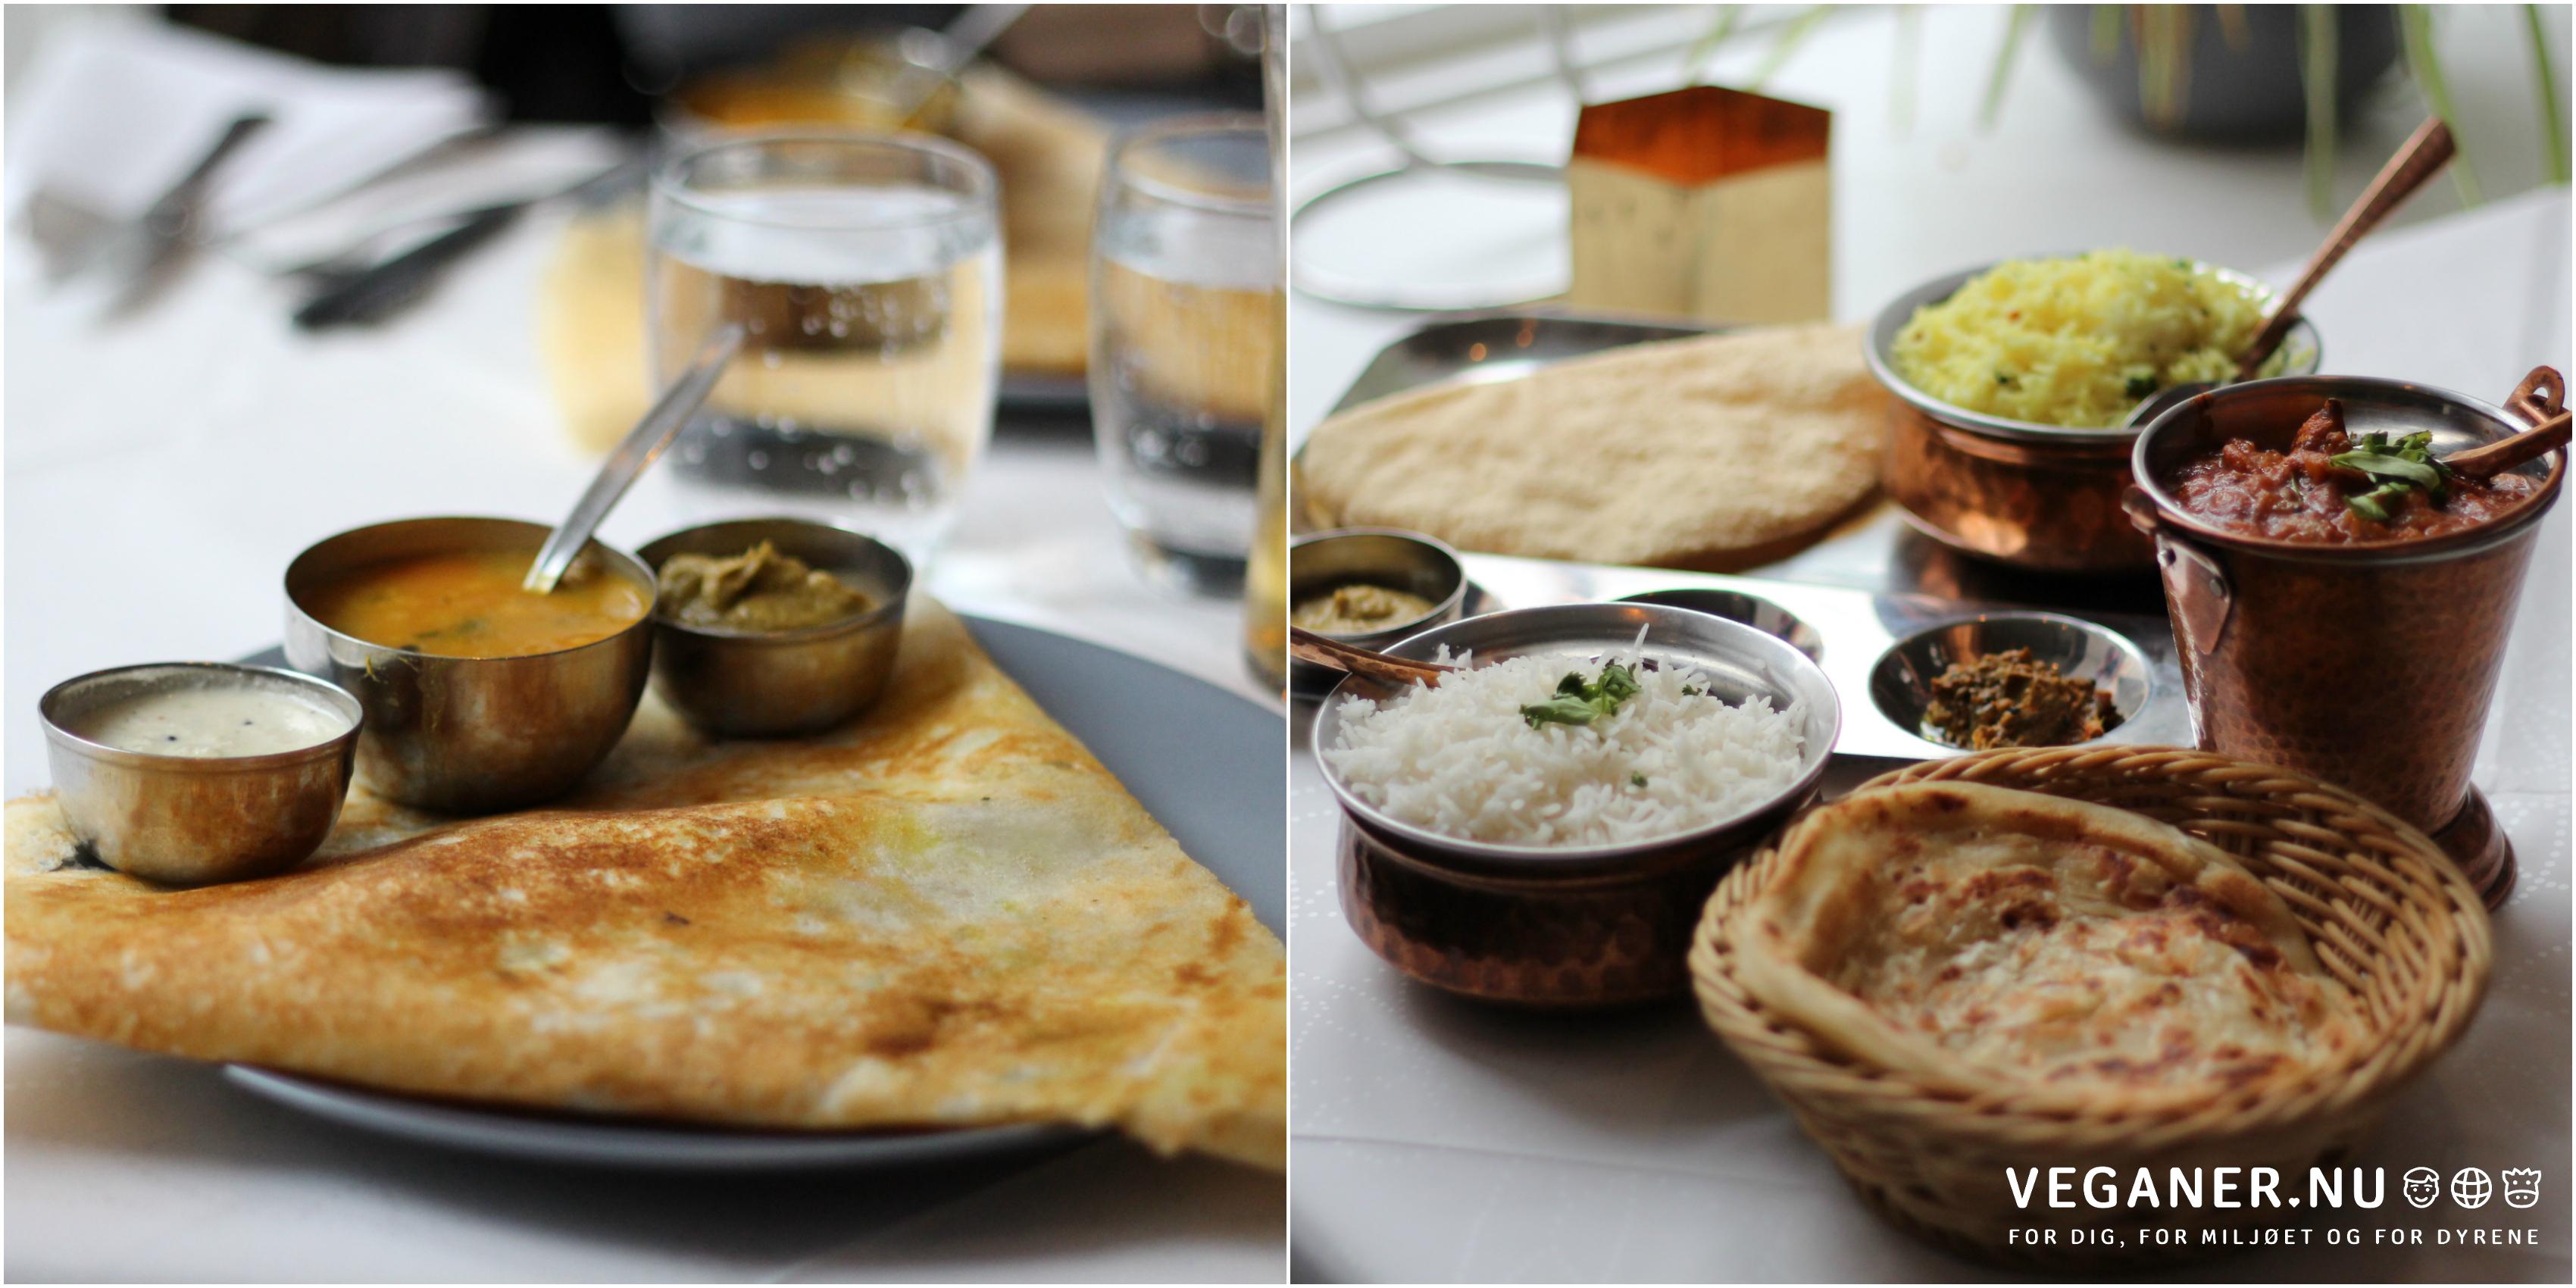 Veganer.nu-South Indian